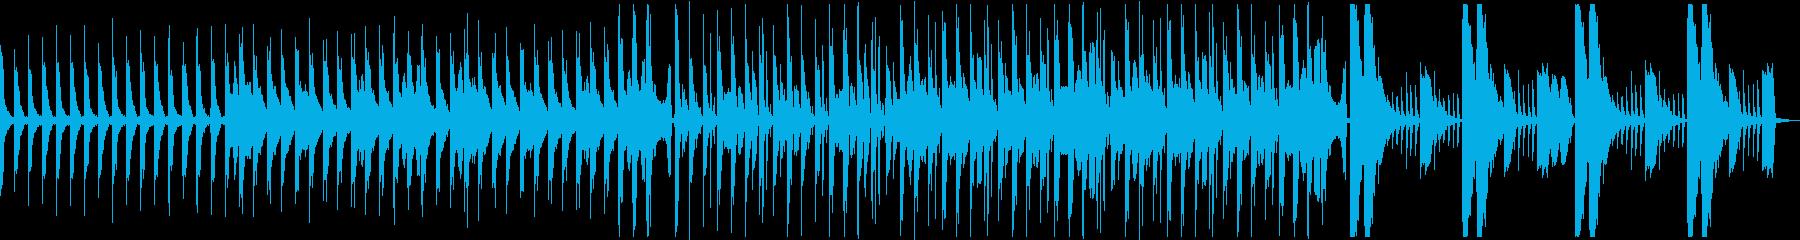 魔王・ラスボス・最終決戦・登場シーンの再生済みの波形